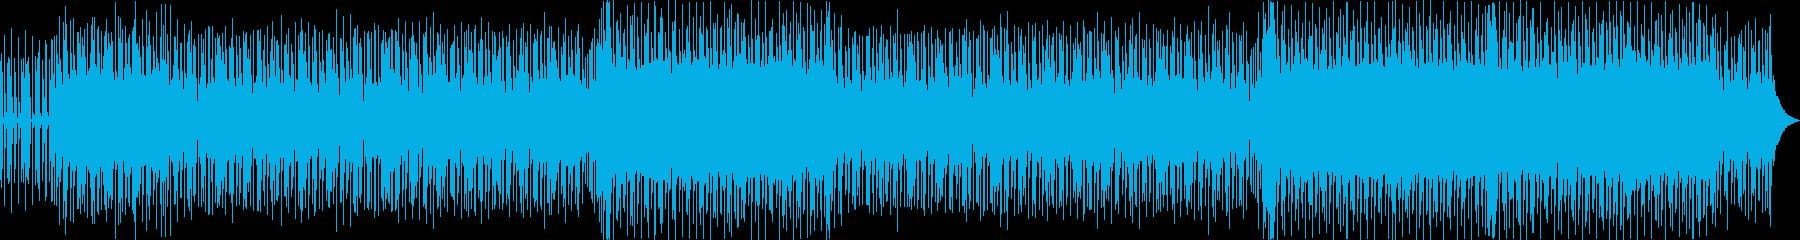 日常・インディーロック・ブリットポップの再生済みの波形